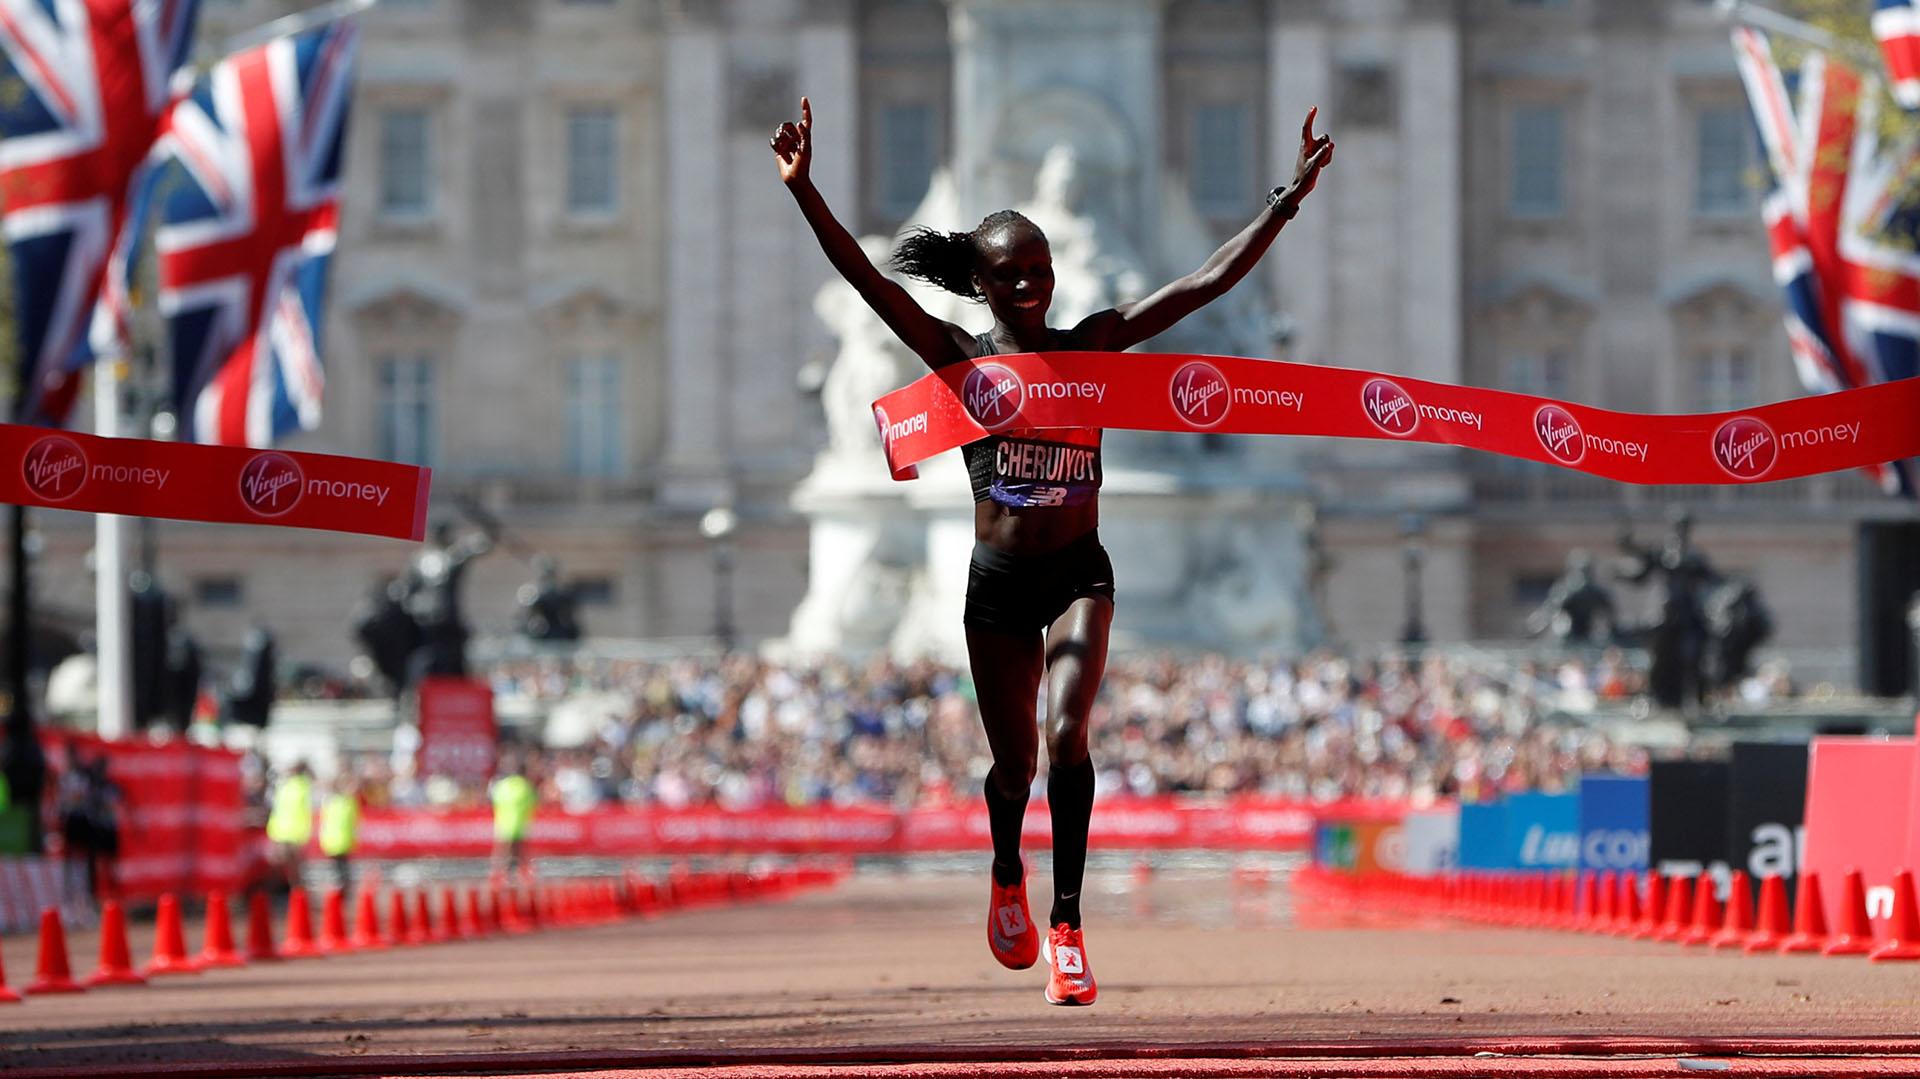 En la categoría femenina, la keniana Vivian Cheruiyot sorprendió este domingo a las principales favoritas y, con un tiempo de 2h 18:31, conquistó su primer Maratón de Londres